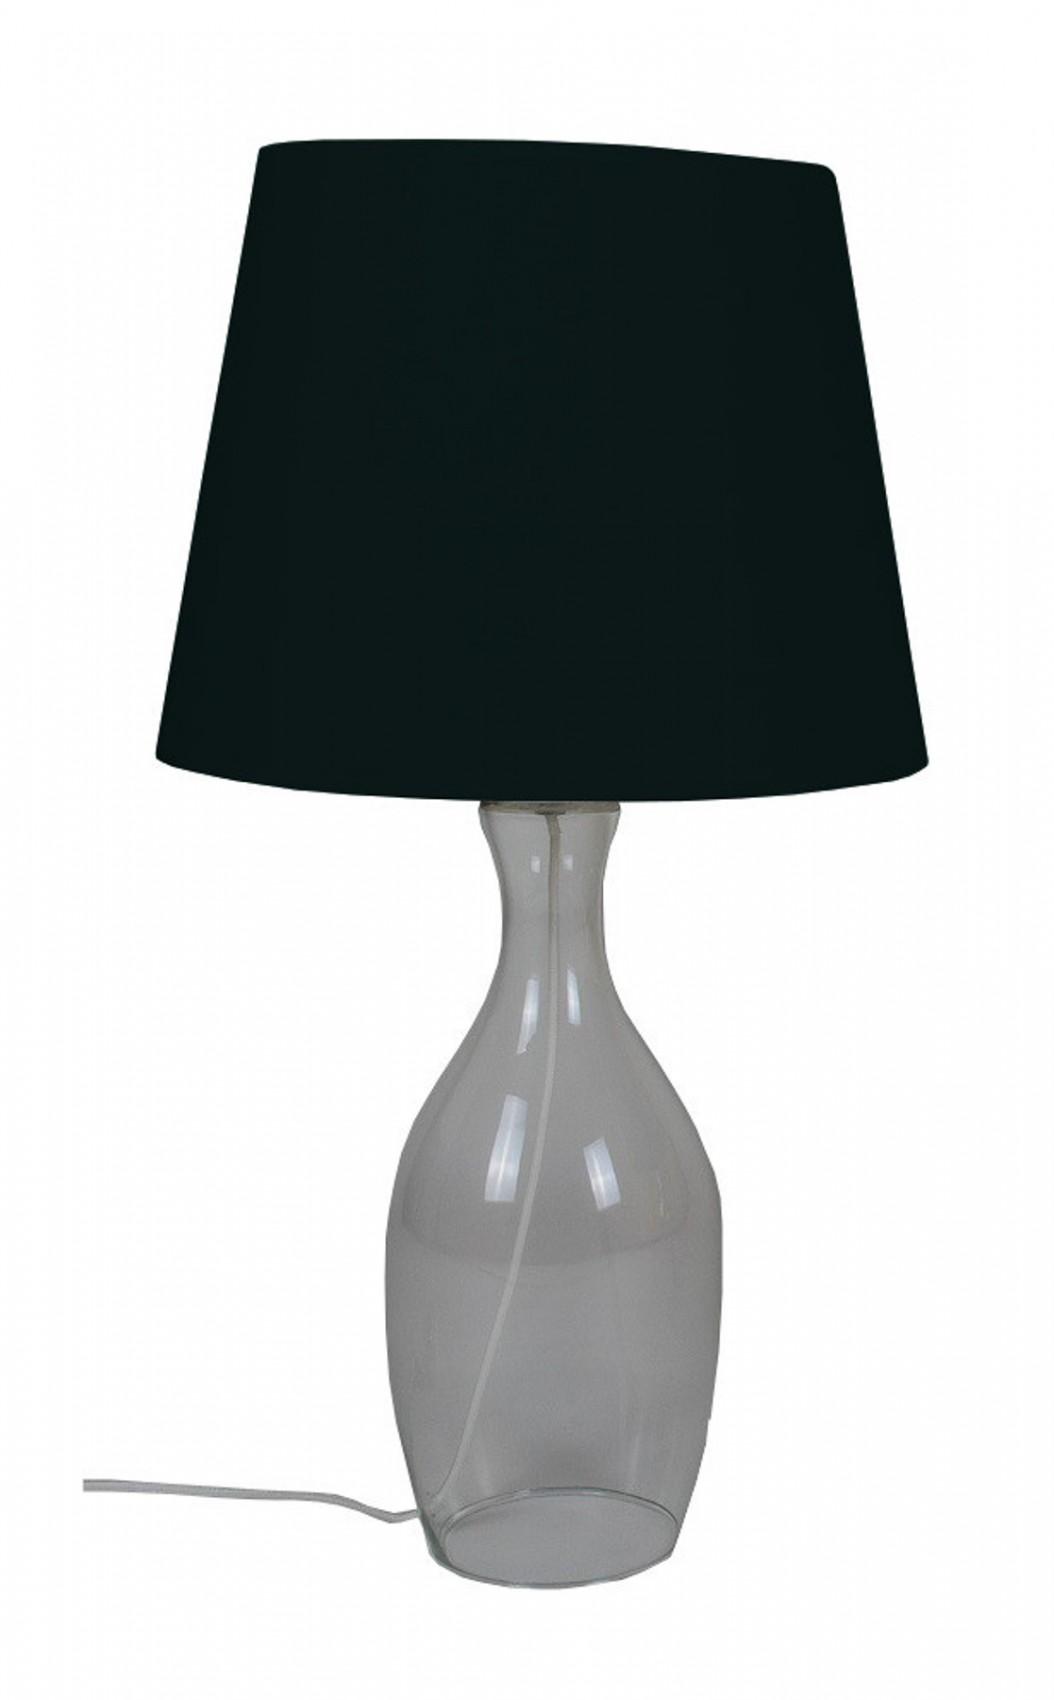 Blickfang Tischlampe Mit Glasfuß Dekoration Von Tischlampe-mit-s-63-cm-tischleuchte-wohnzimmerlampe-lampe-